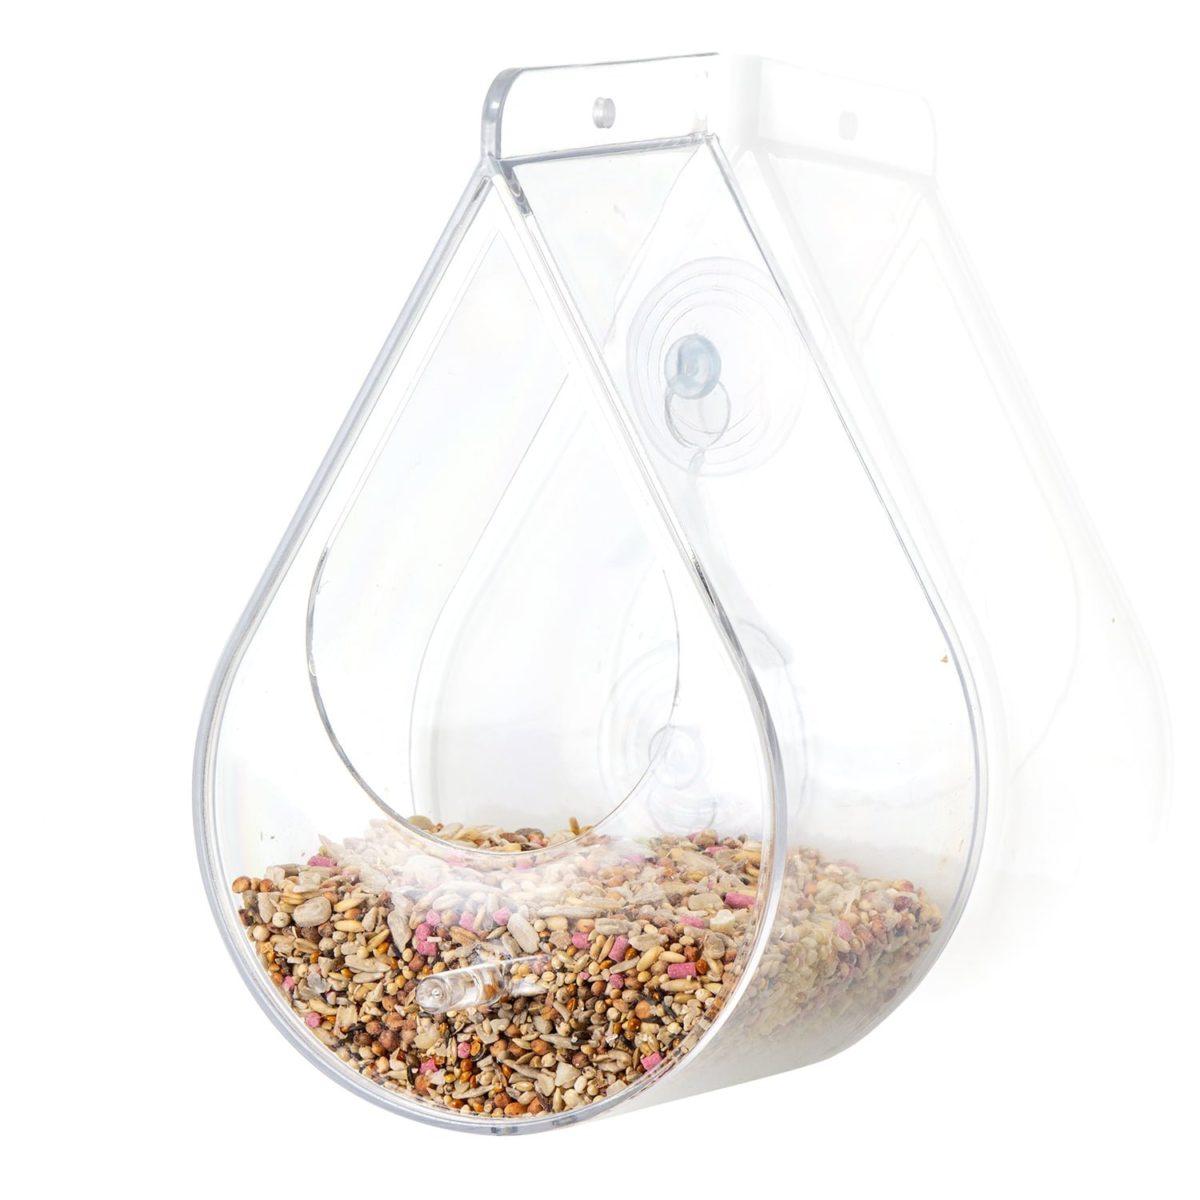 wildlife world dew drop feeder